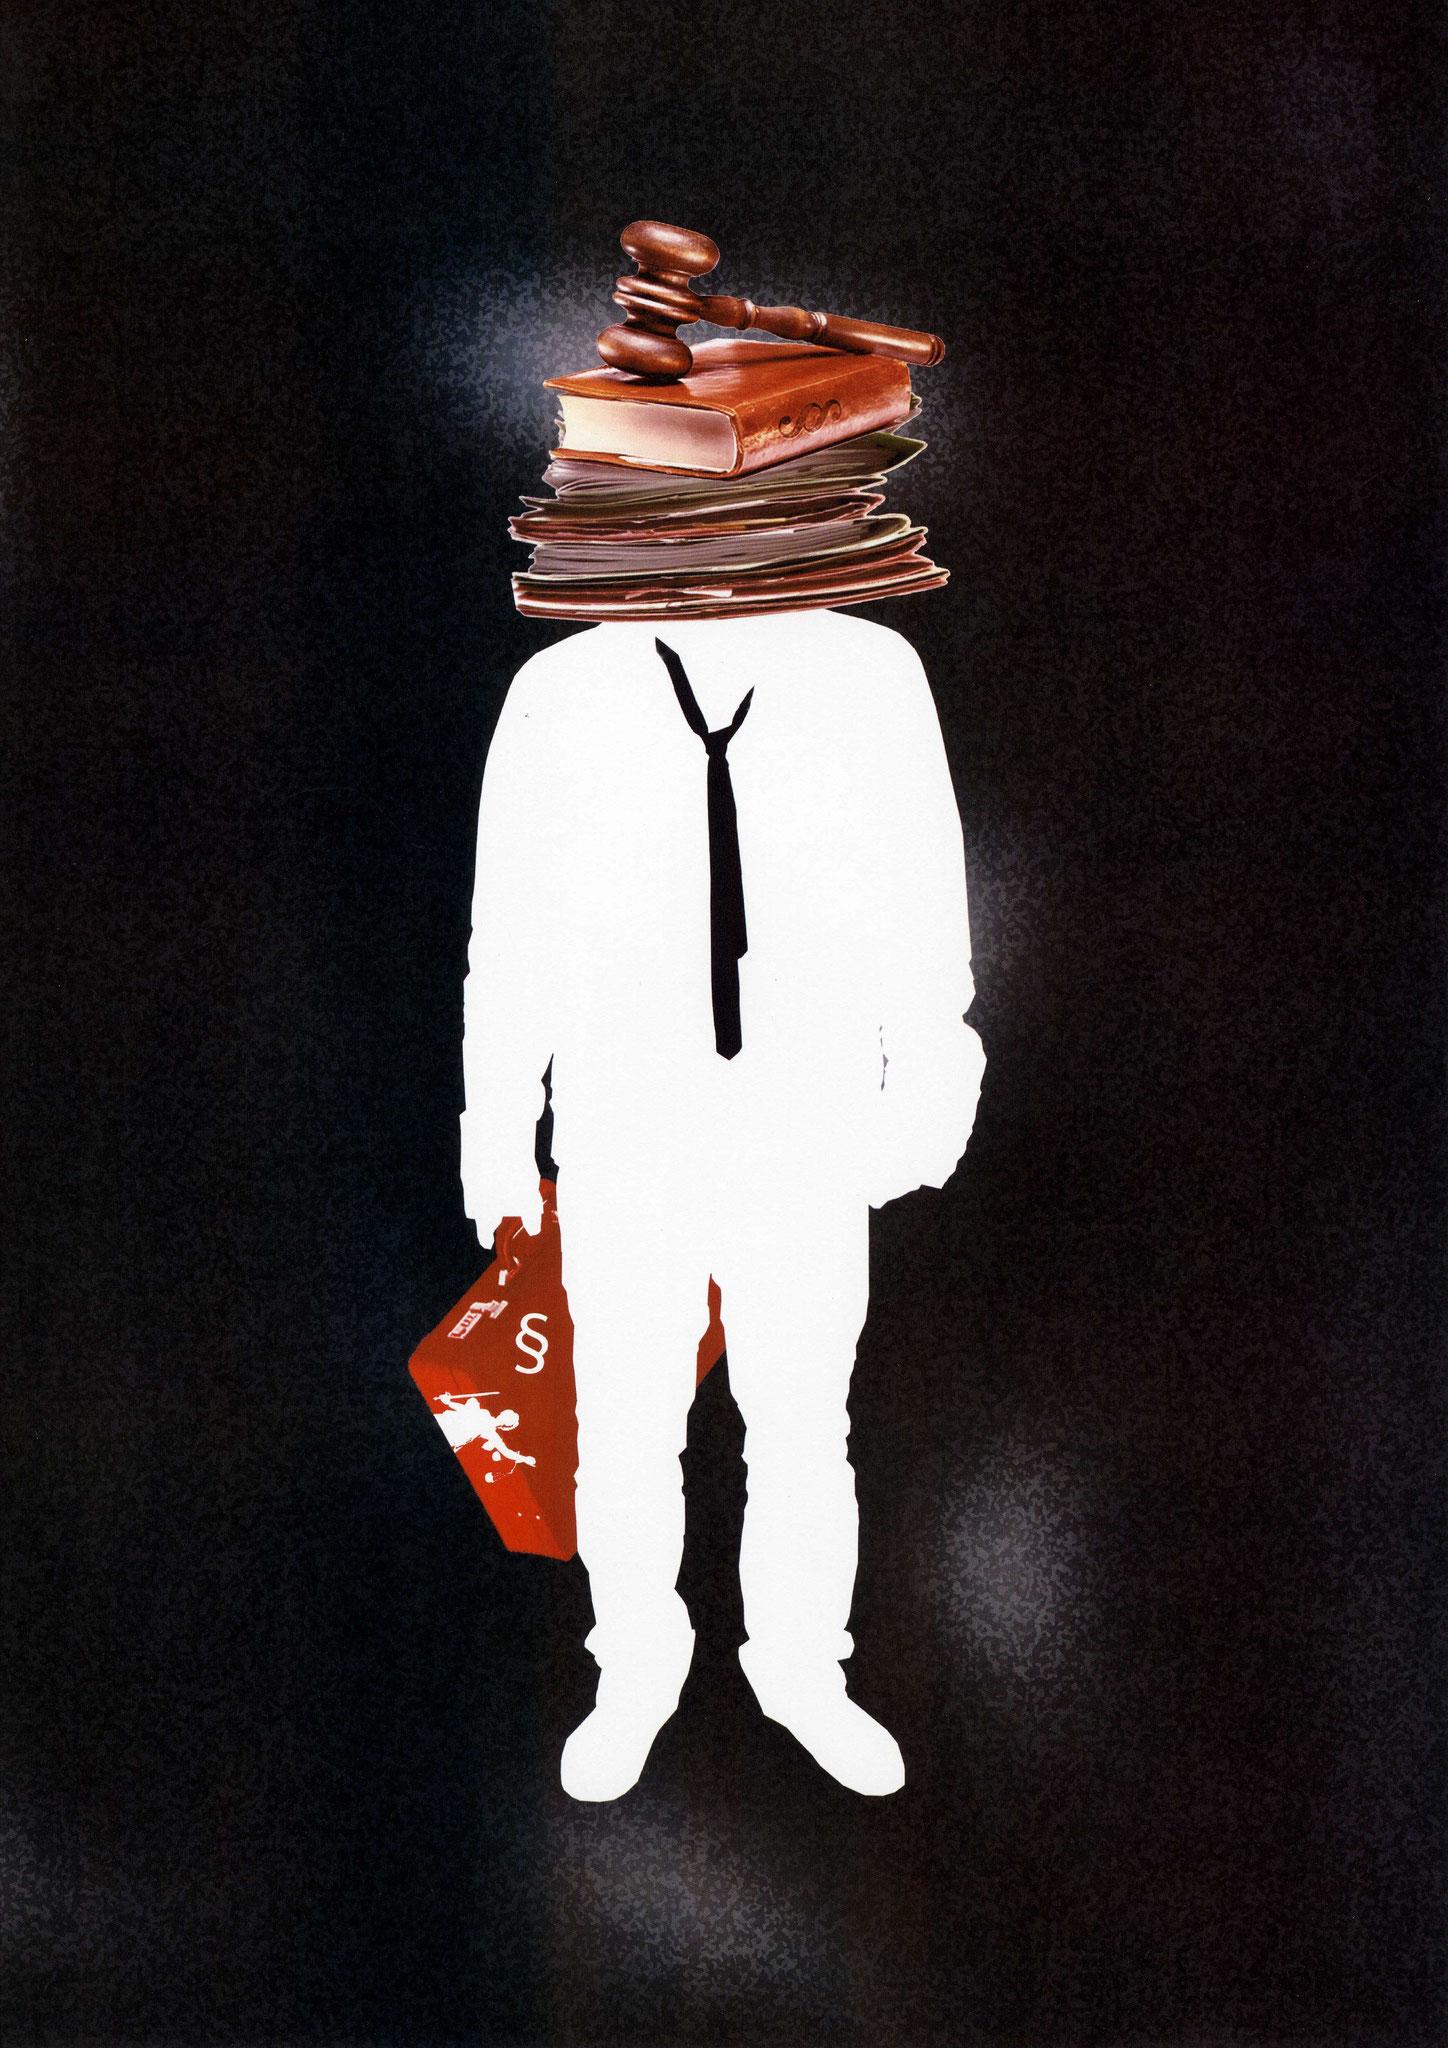 Galip der Rechtsanwalt - Illustration für Orhan Pamuks Buch ,,Das schwarze Buch``